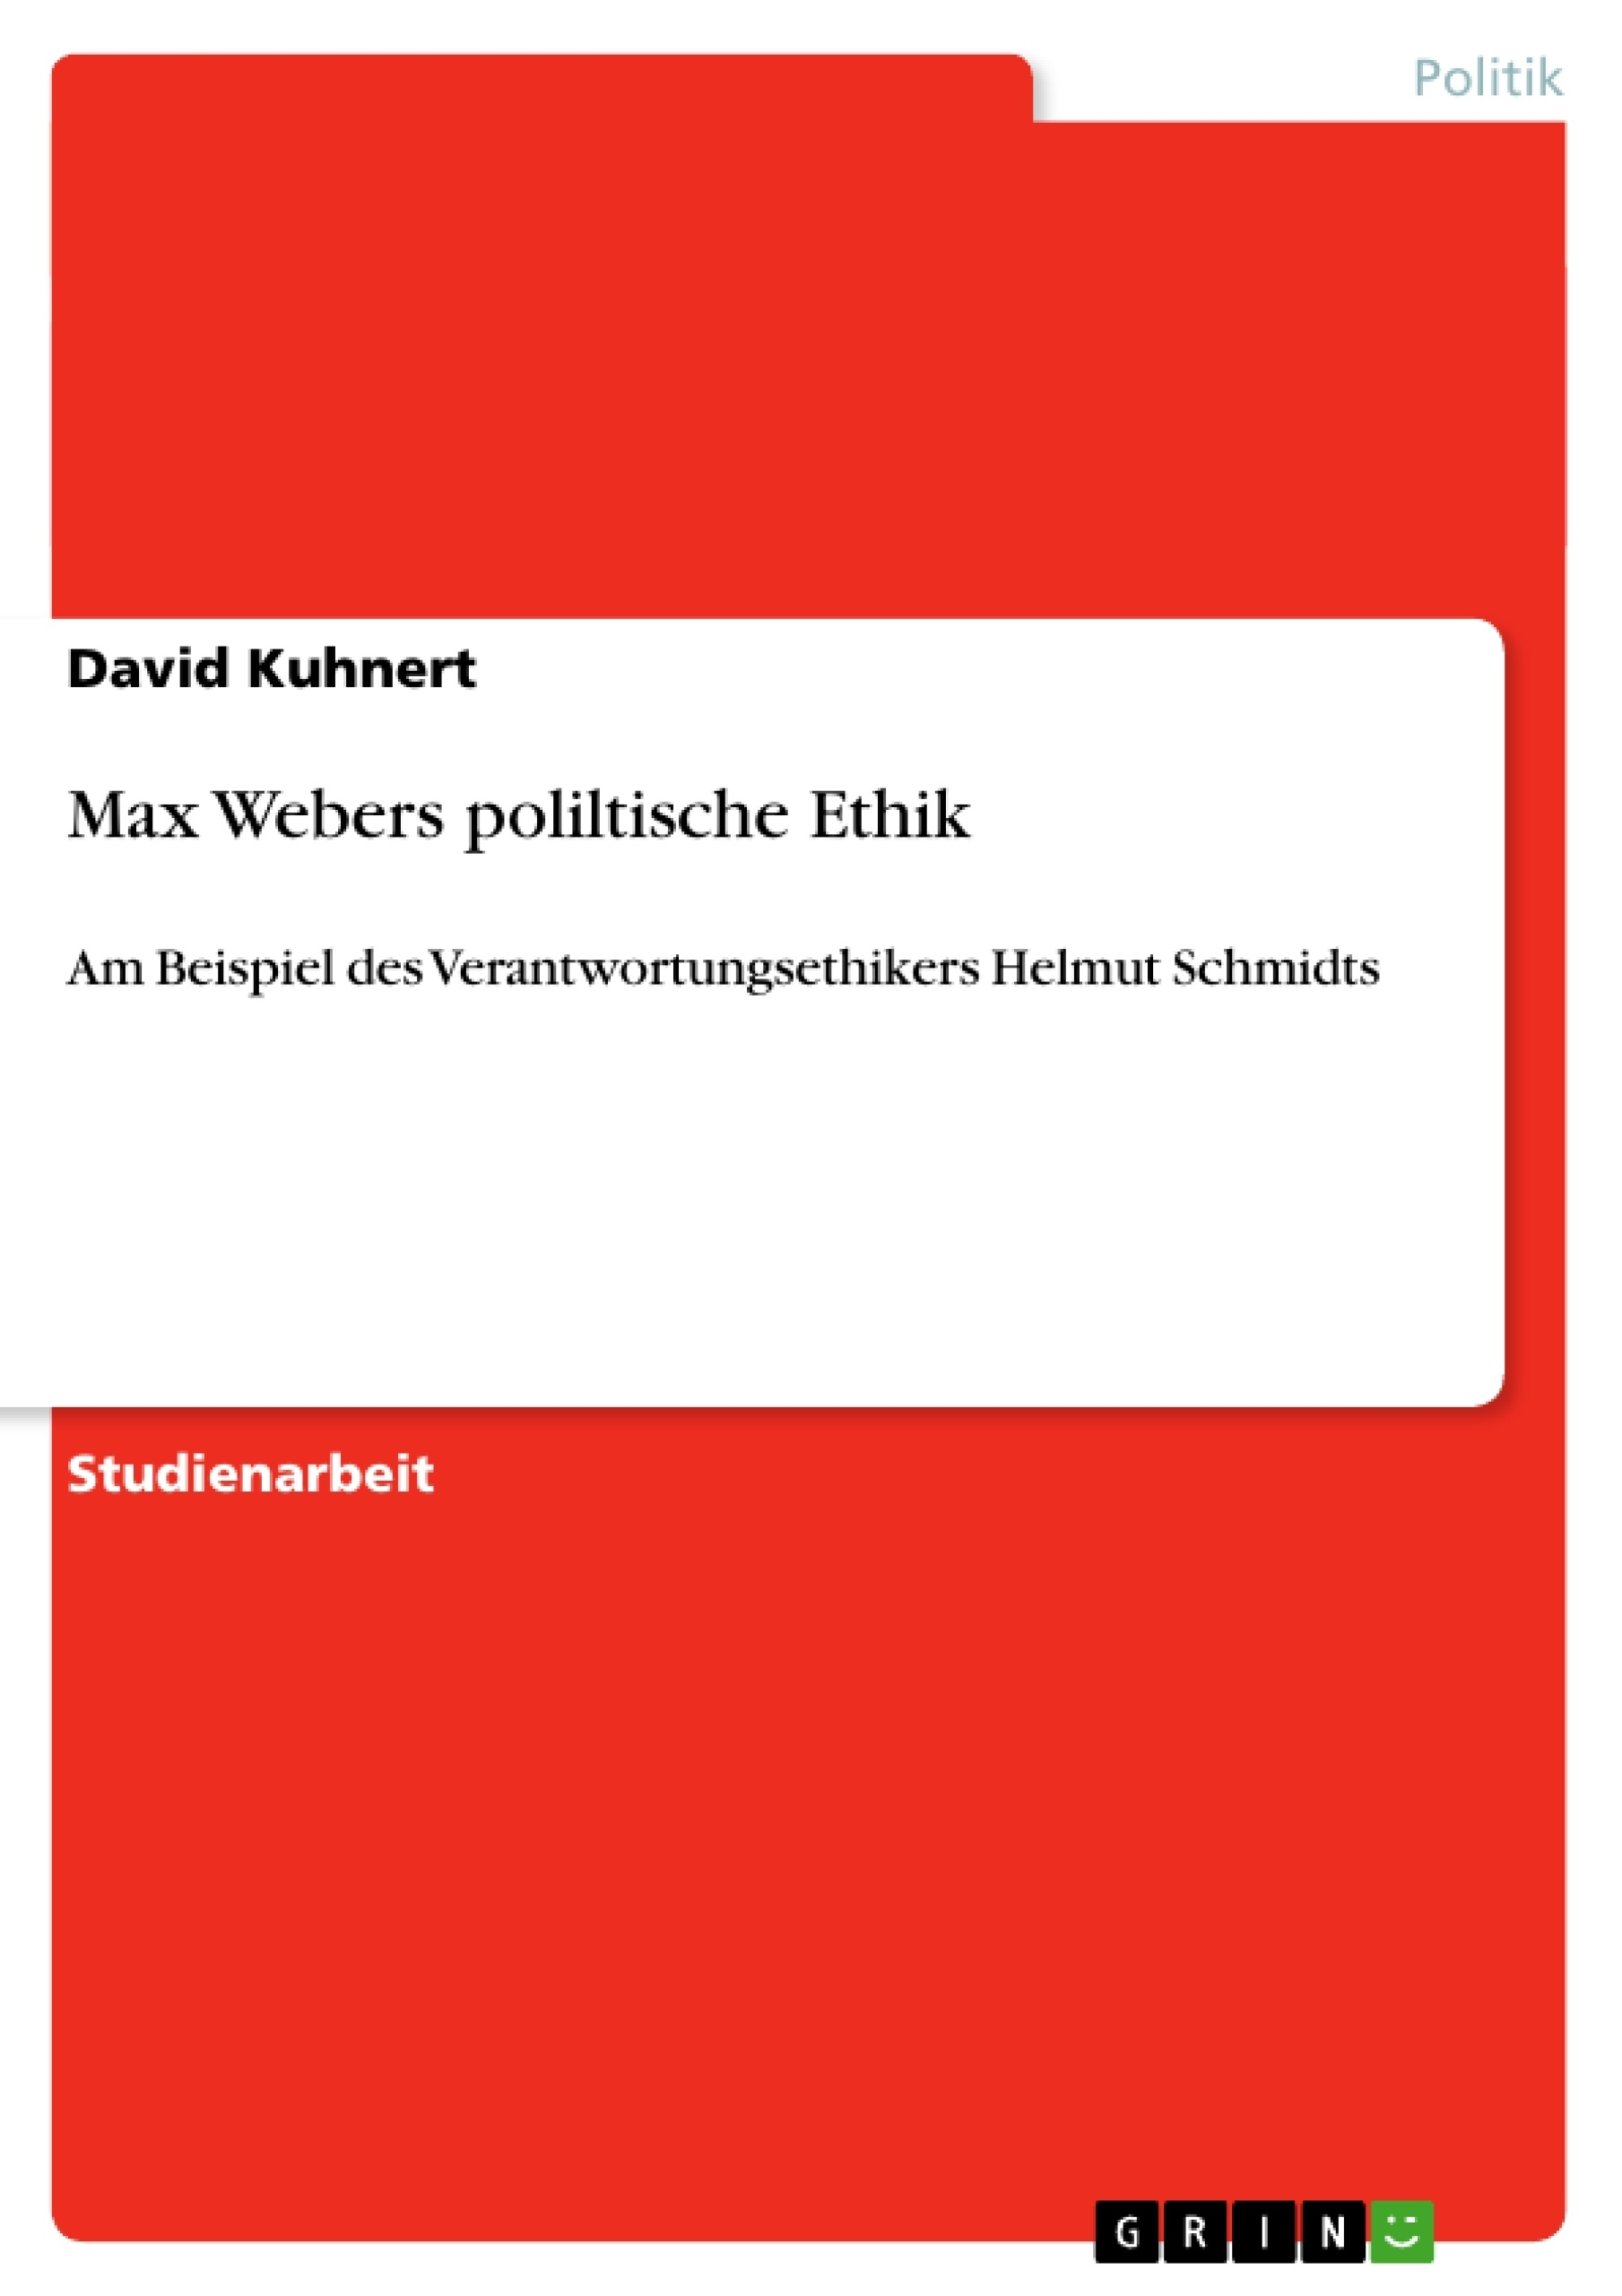 Titel: Max Webers poliltische Ethik